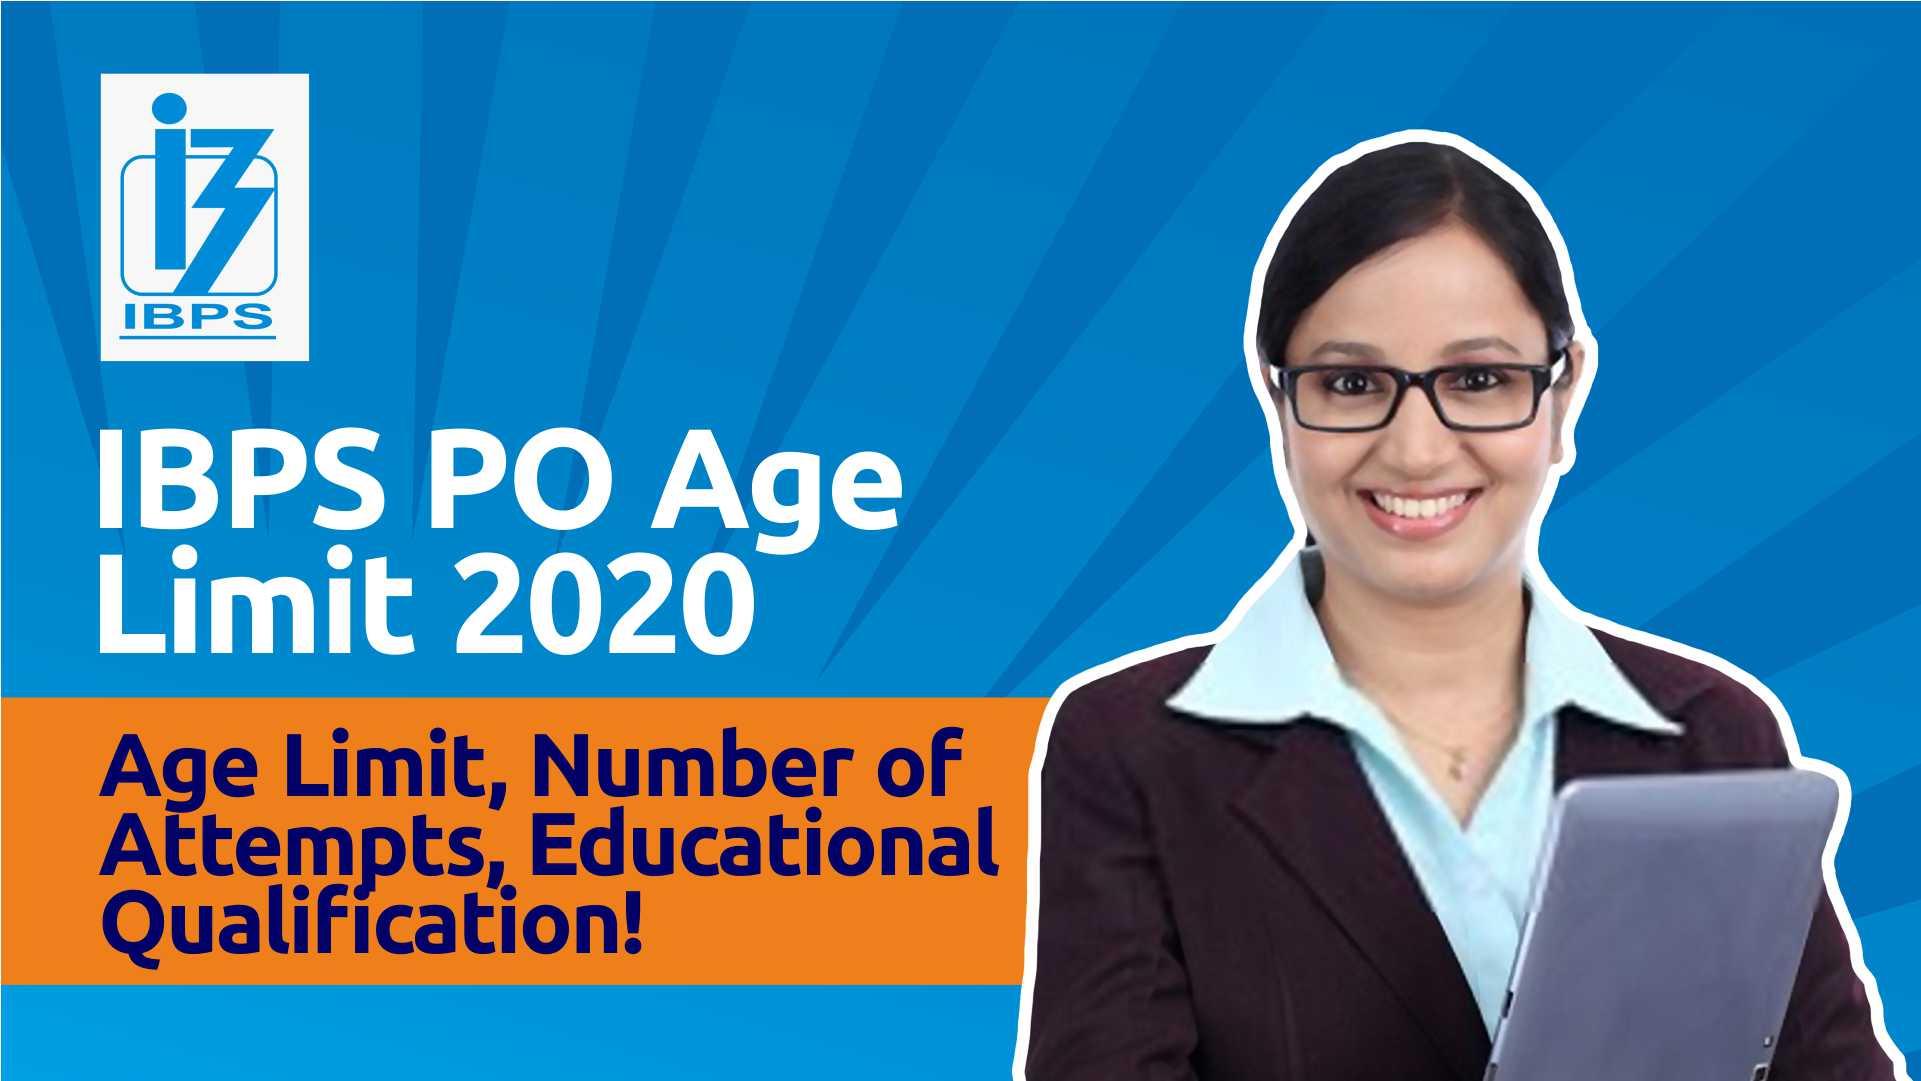 IBPS PO Age Limit